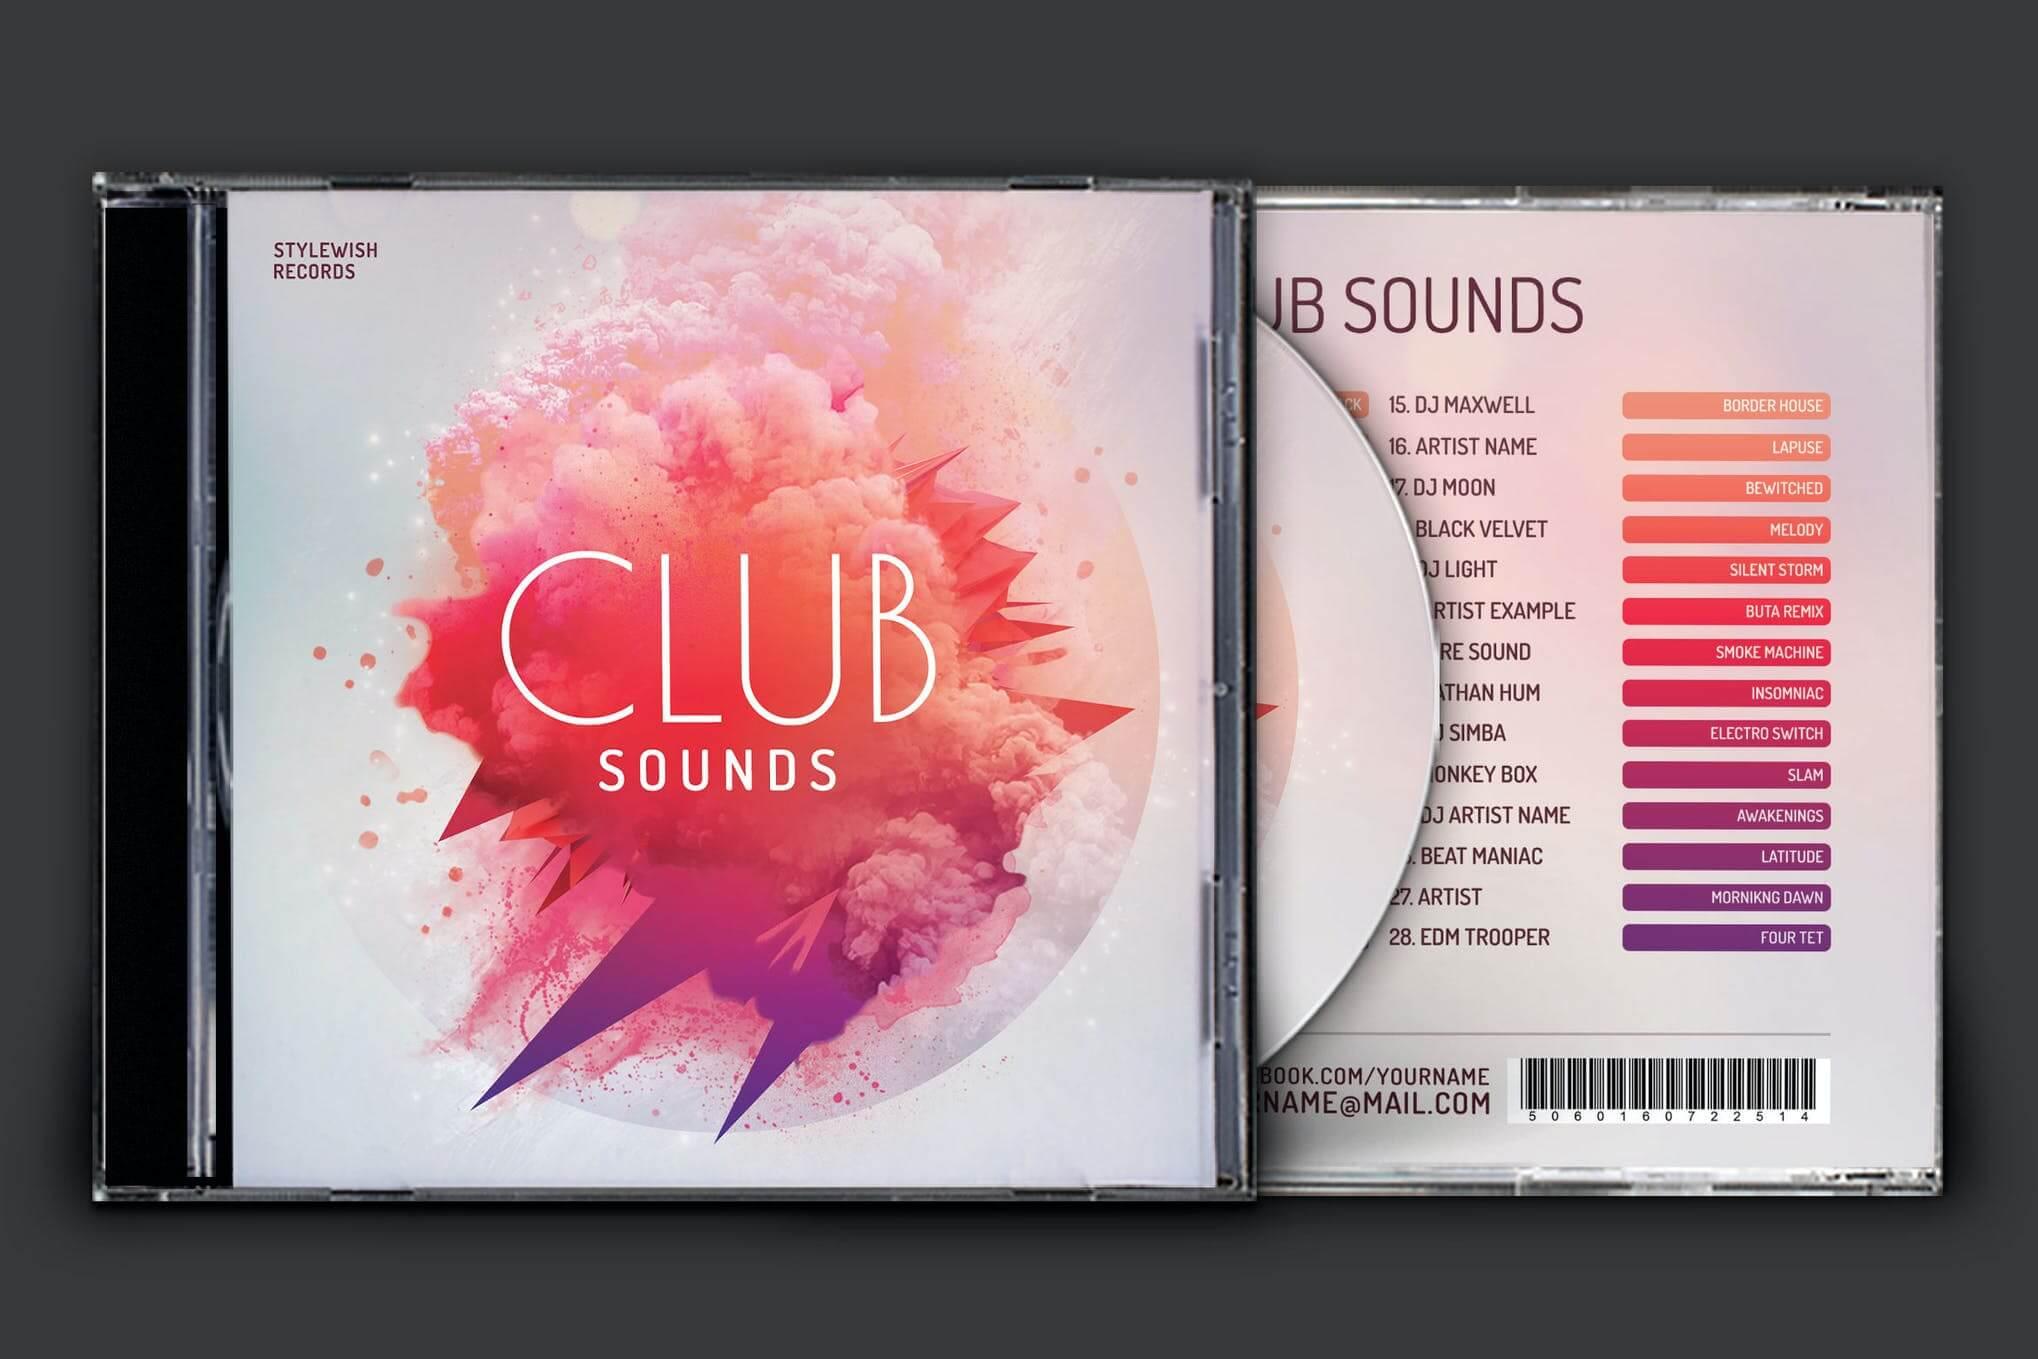 俱乐部CD封面艺术品插图